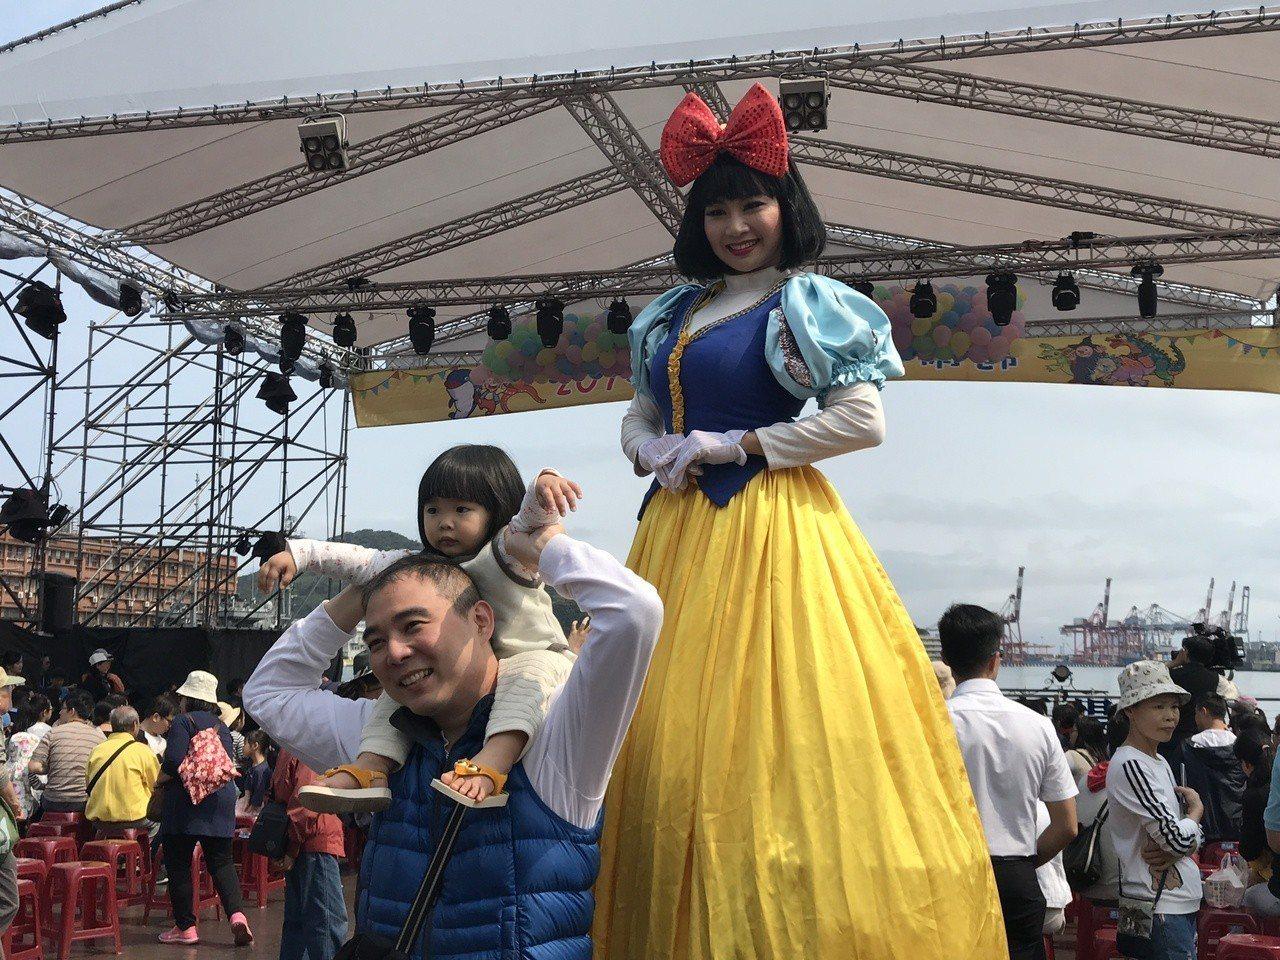 「2019基隆童話藝術節」今天開幕,吸引許多爸爸媽媽帶子女來玩。記者吳淑君/攝影